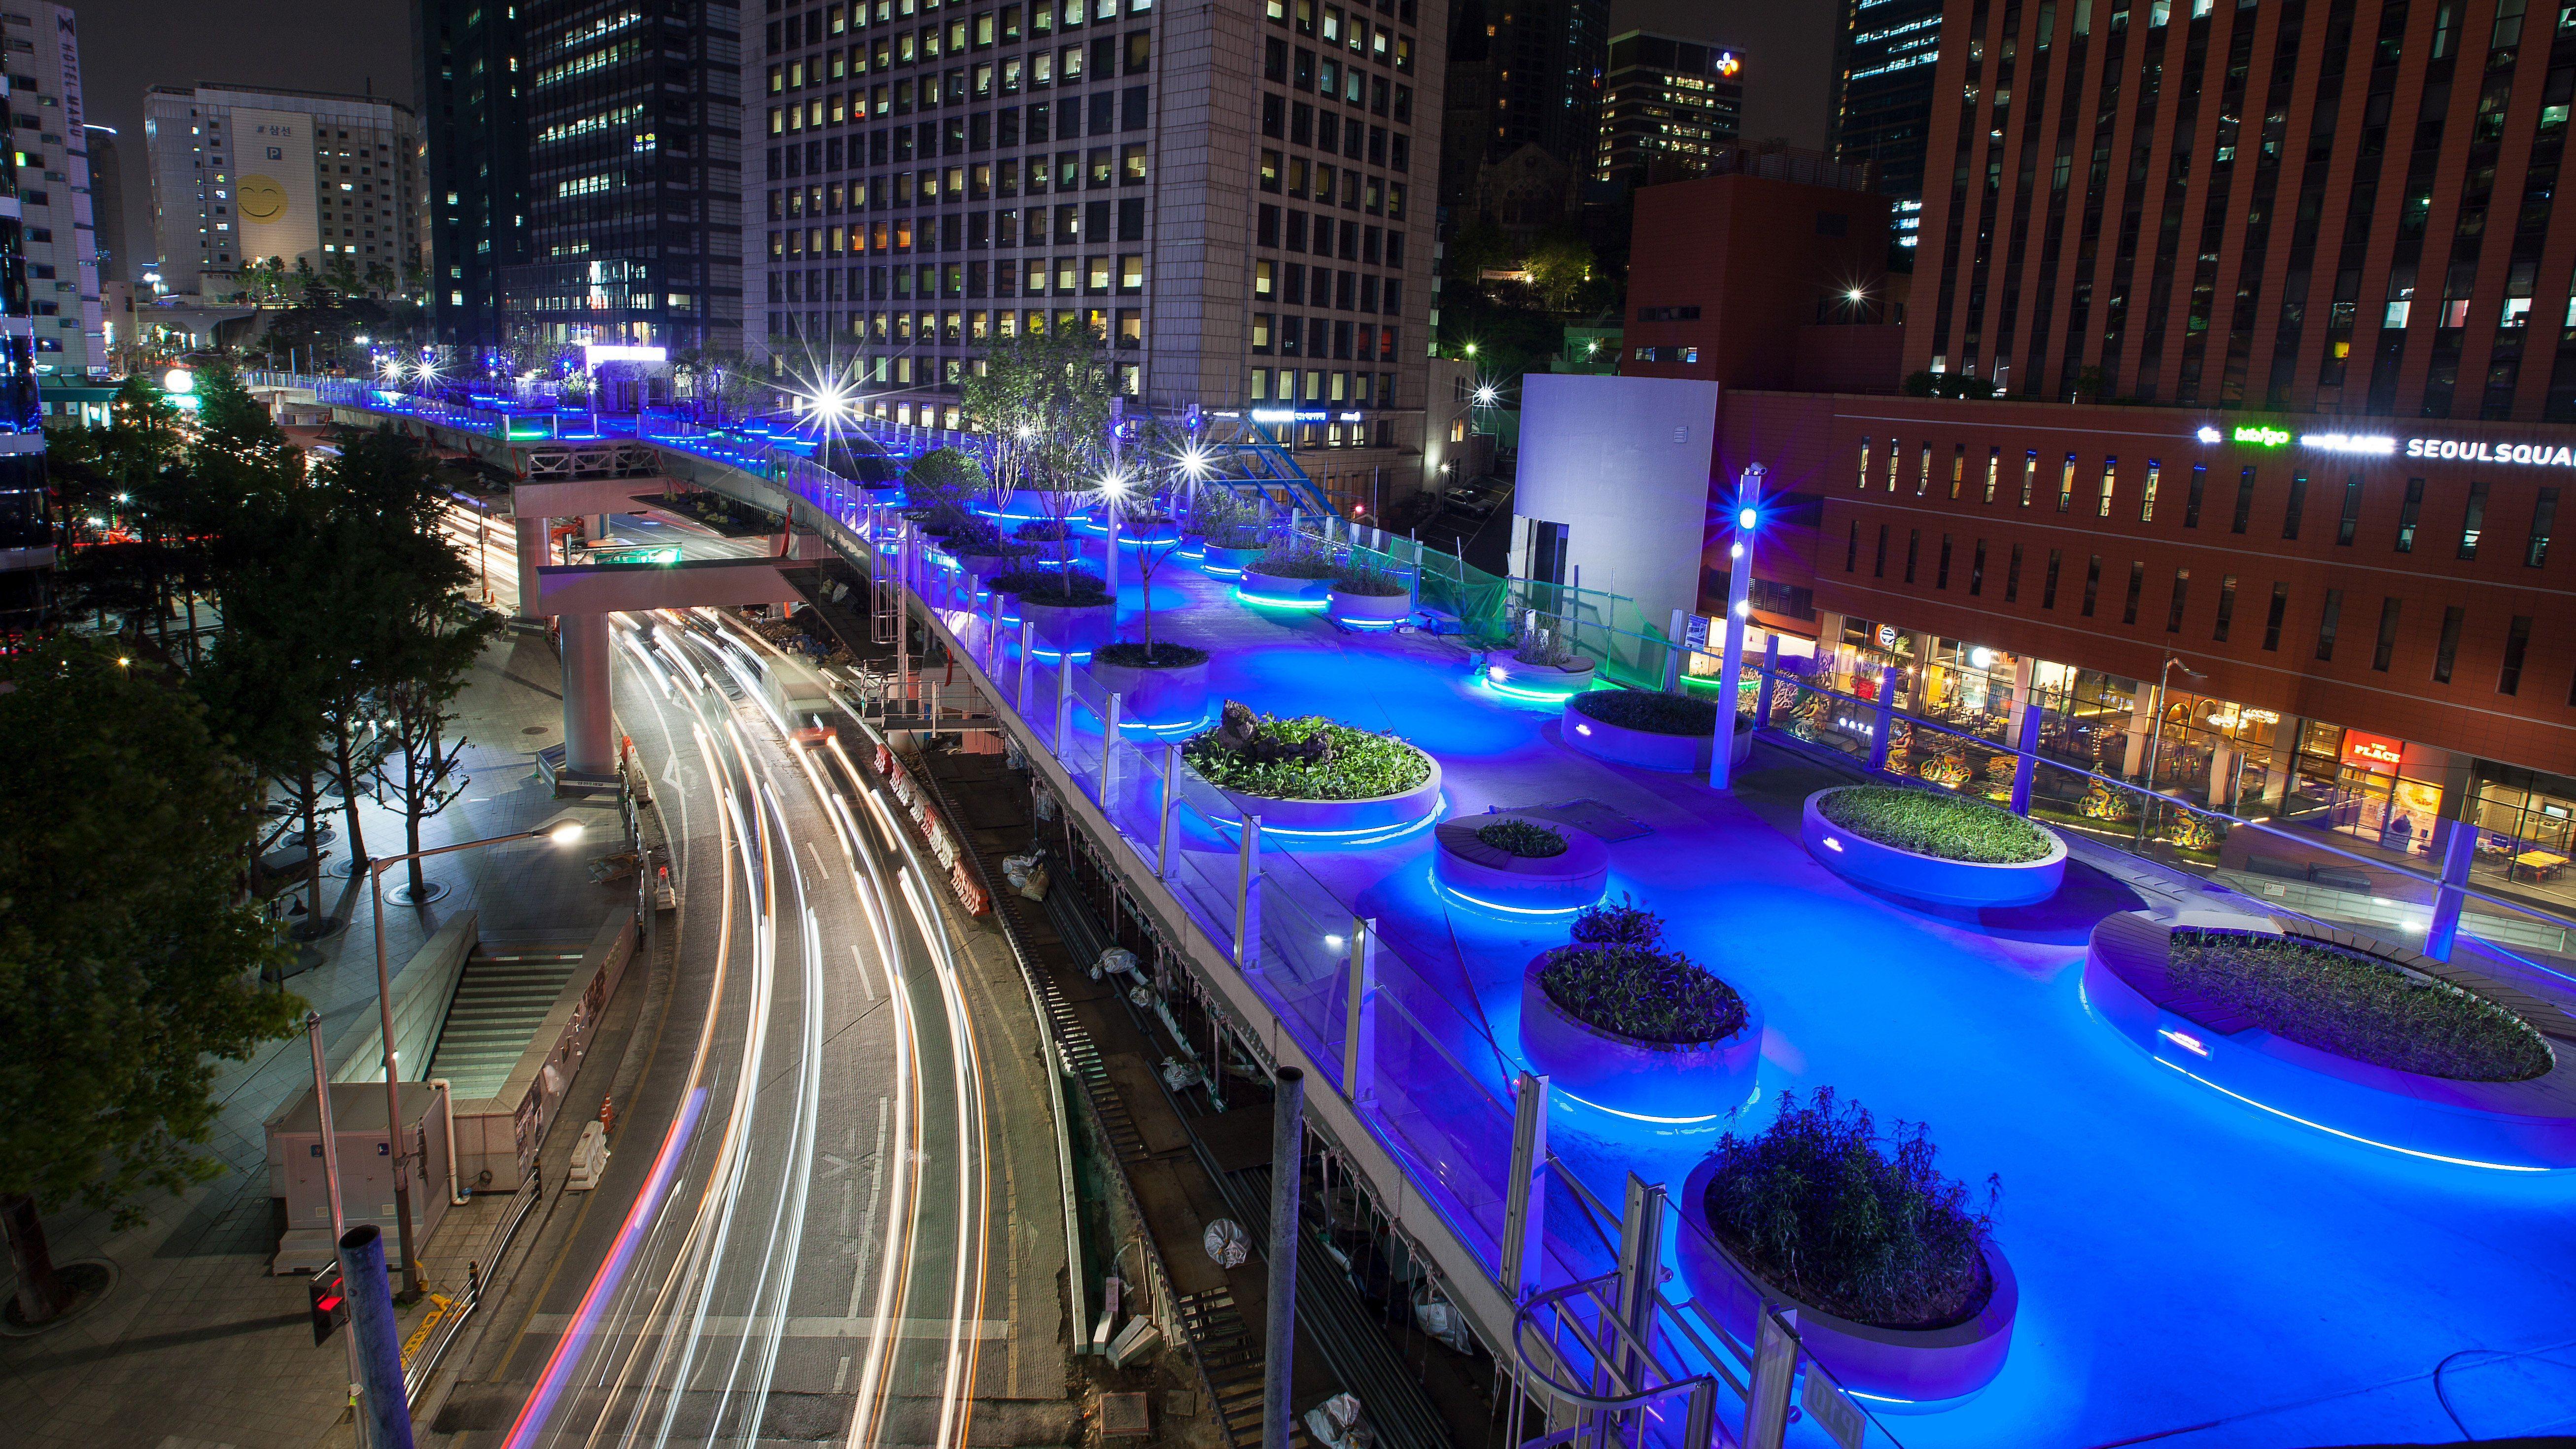 Vista nocturna de Seoullo 7017